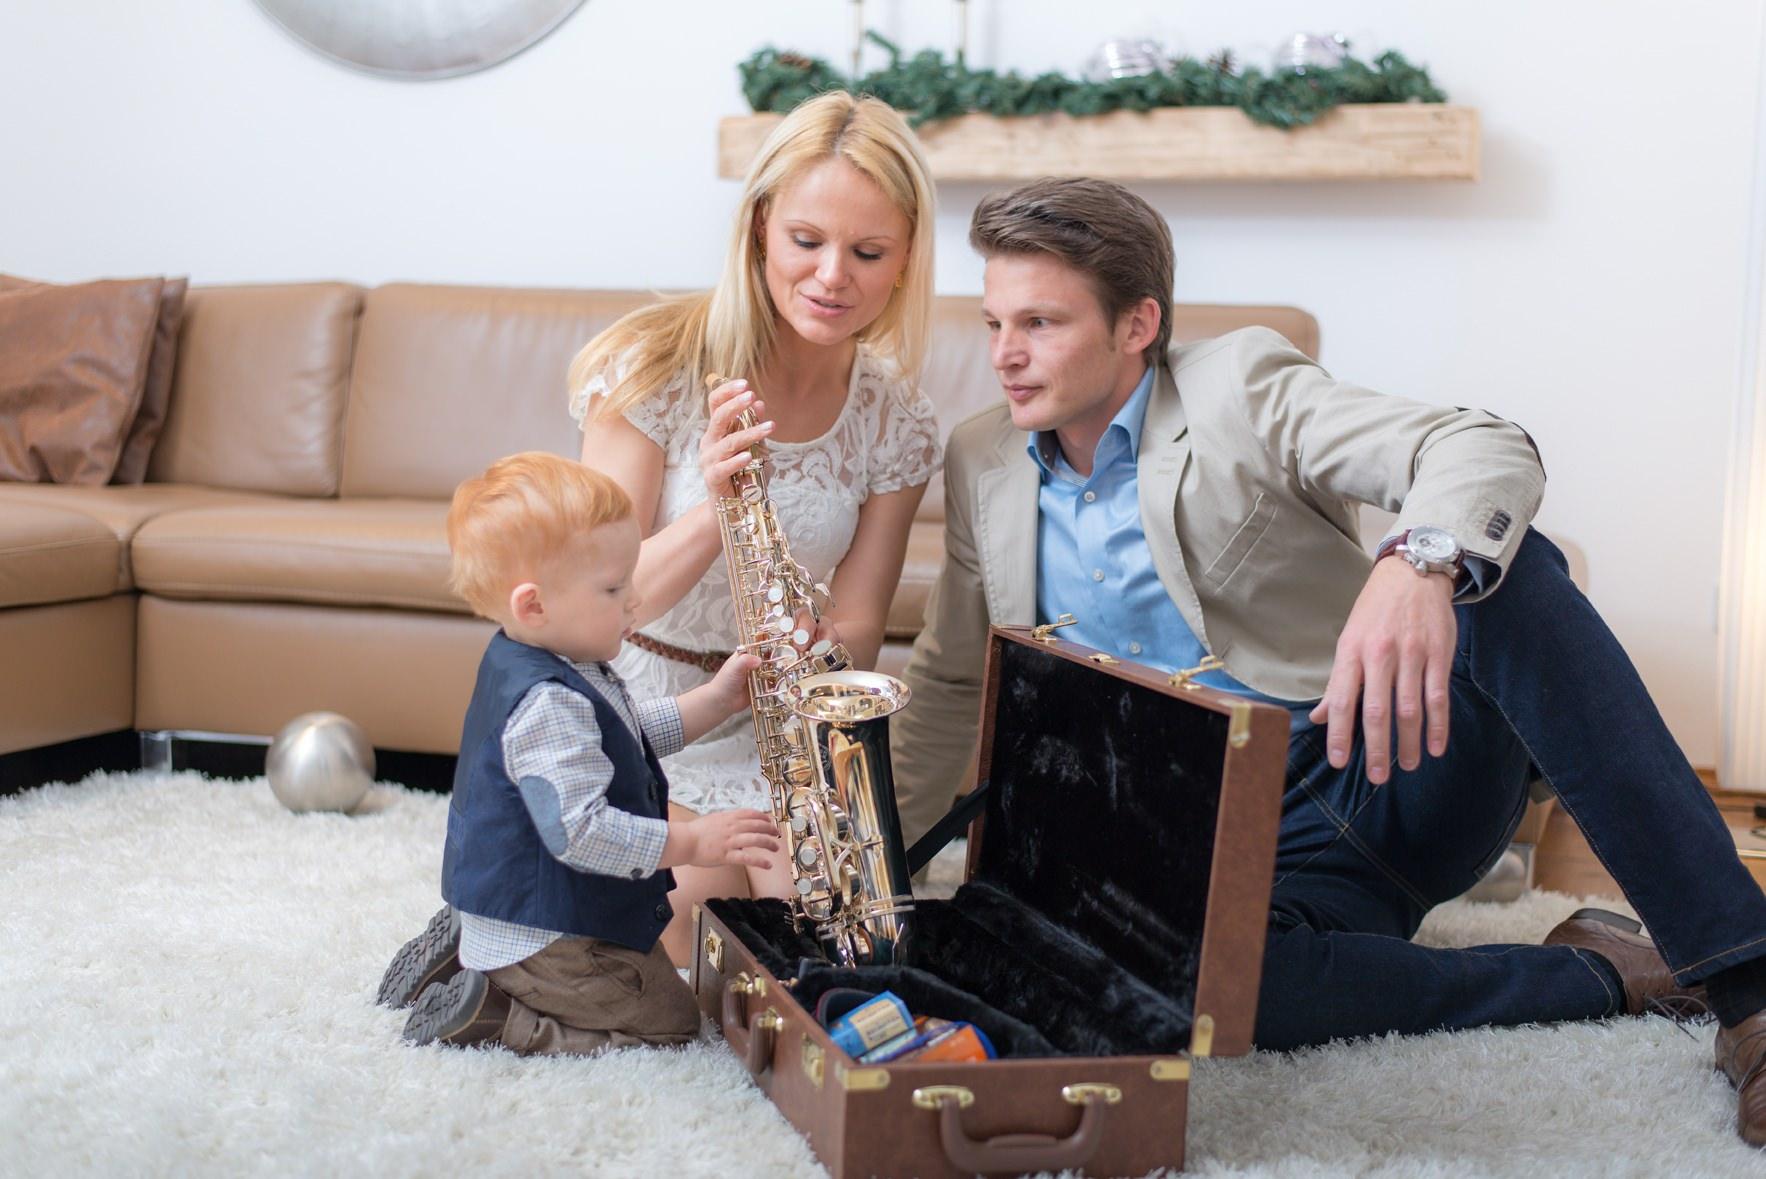 Spazio neutro: un luogo per recuperare il rapporto genitori figli